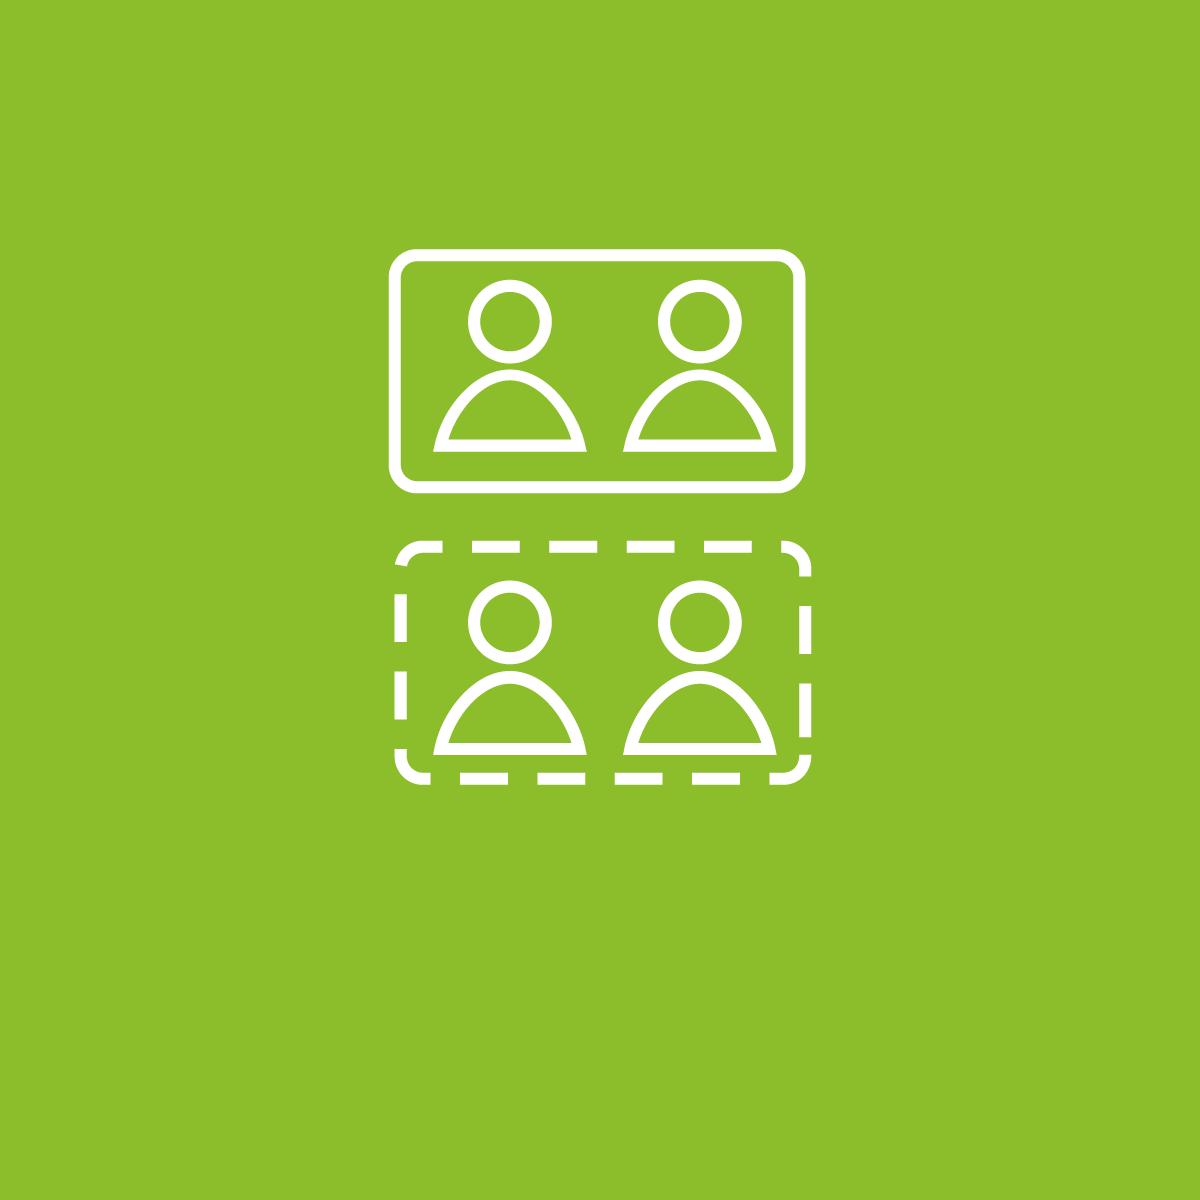 36pt - Matriz de segmentación